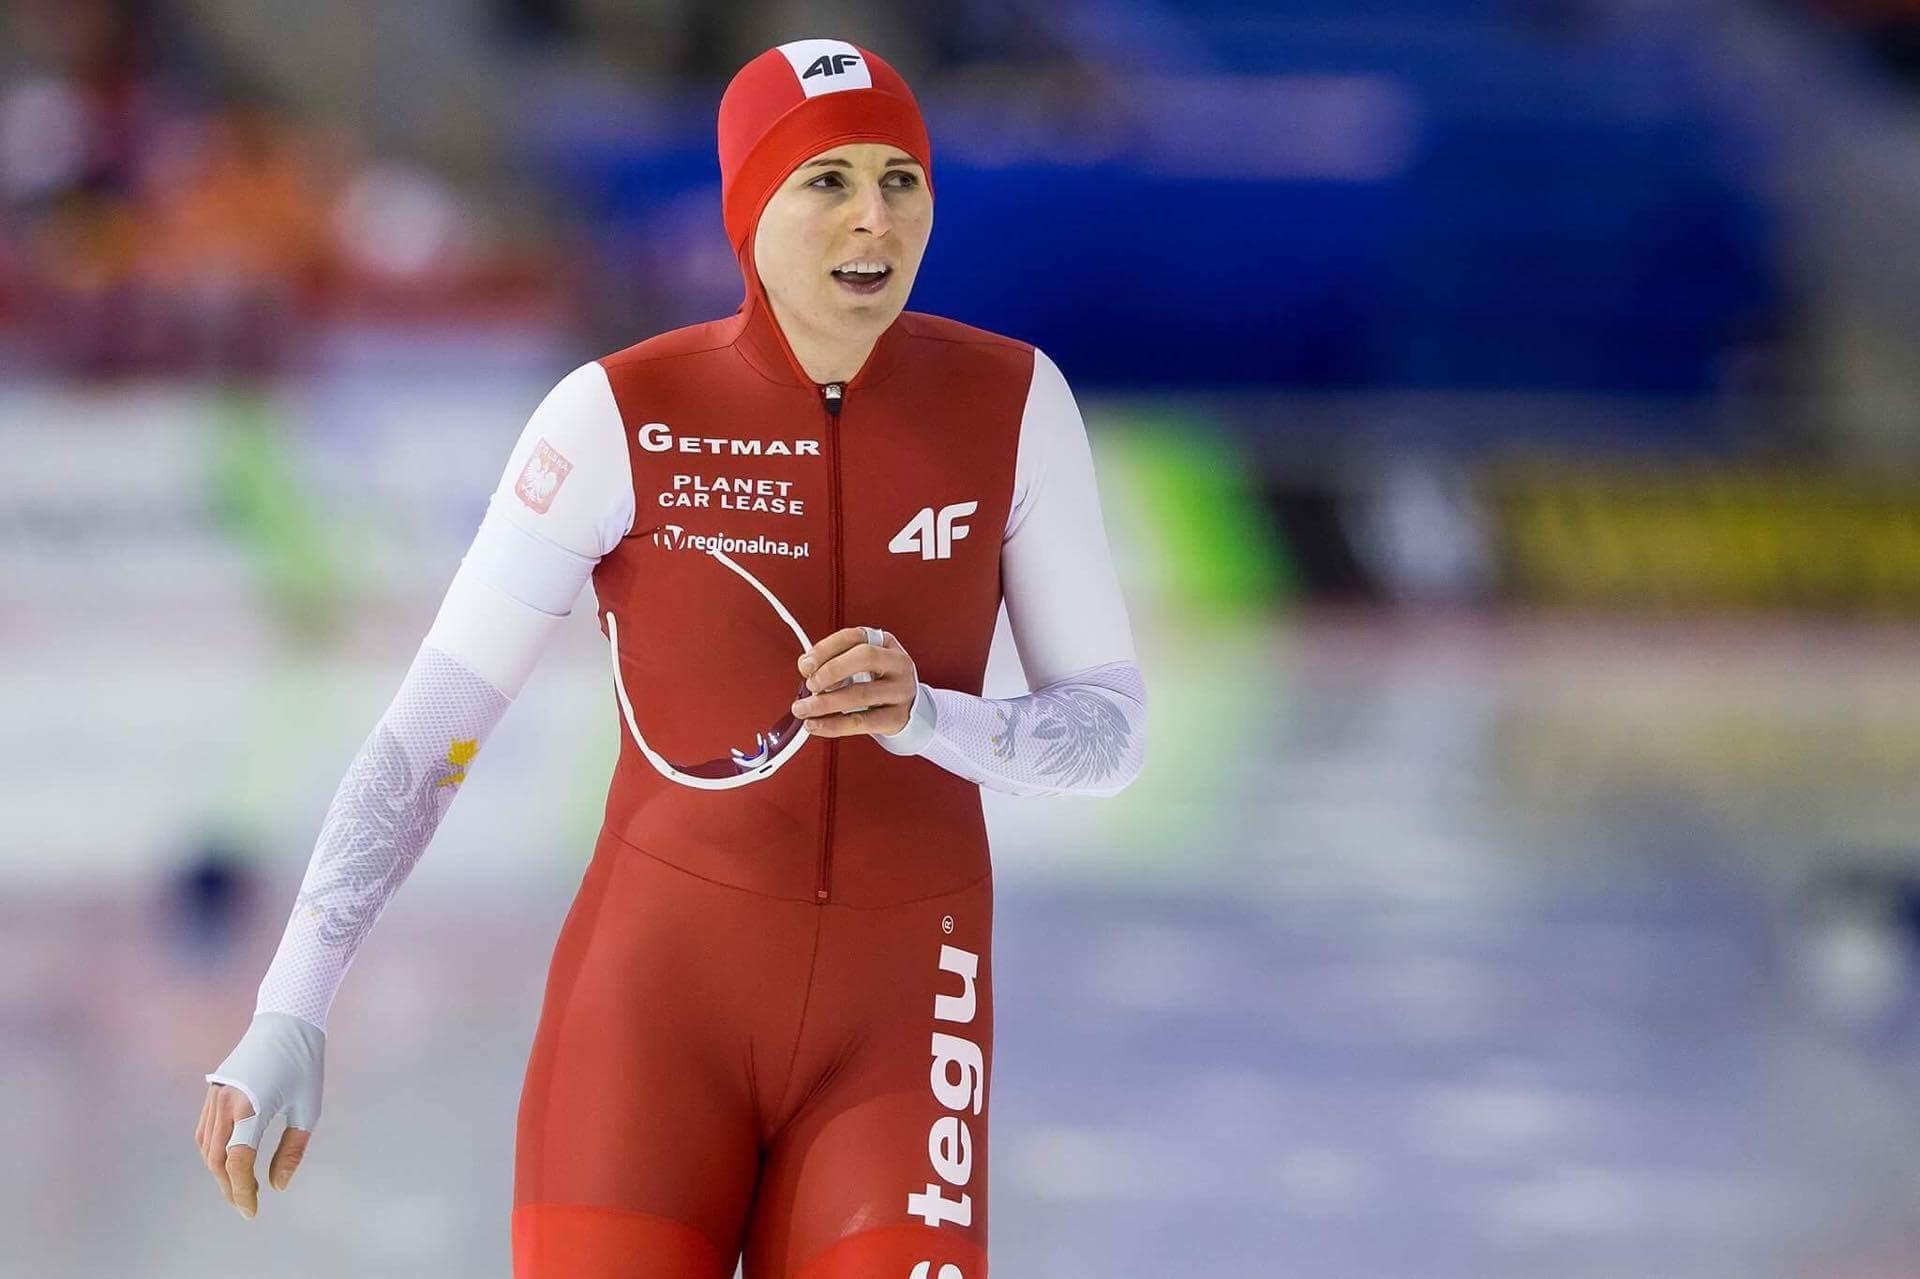 Udany start Natalii Czerwonki w Holandii